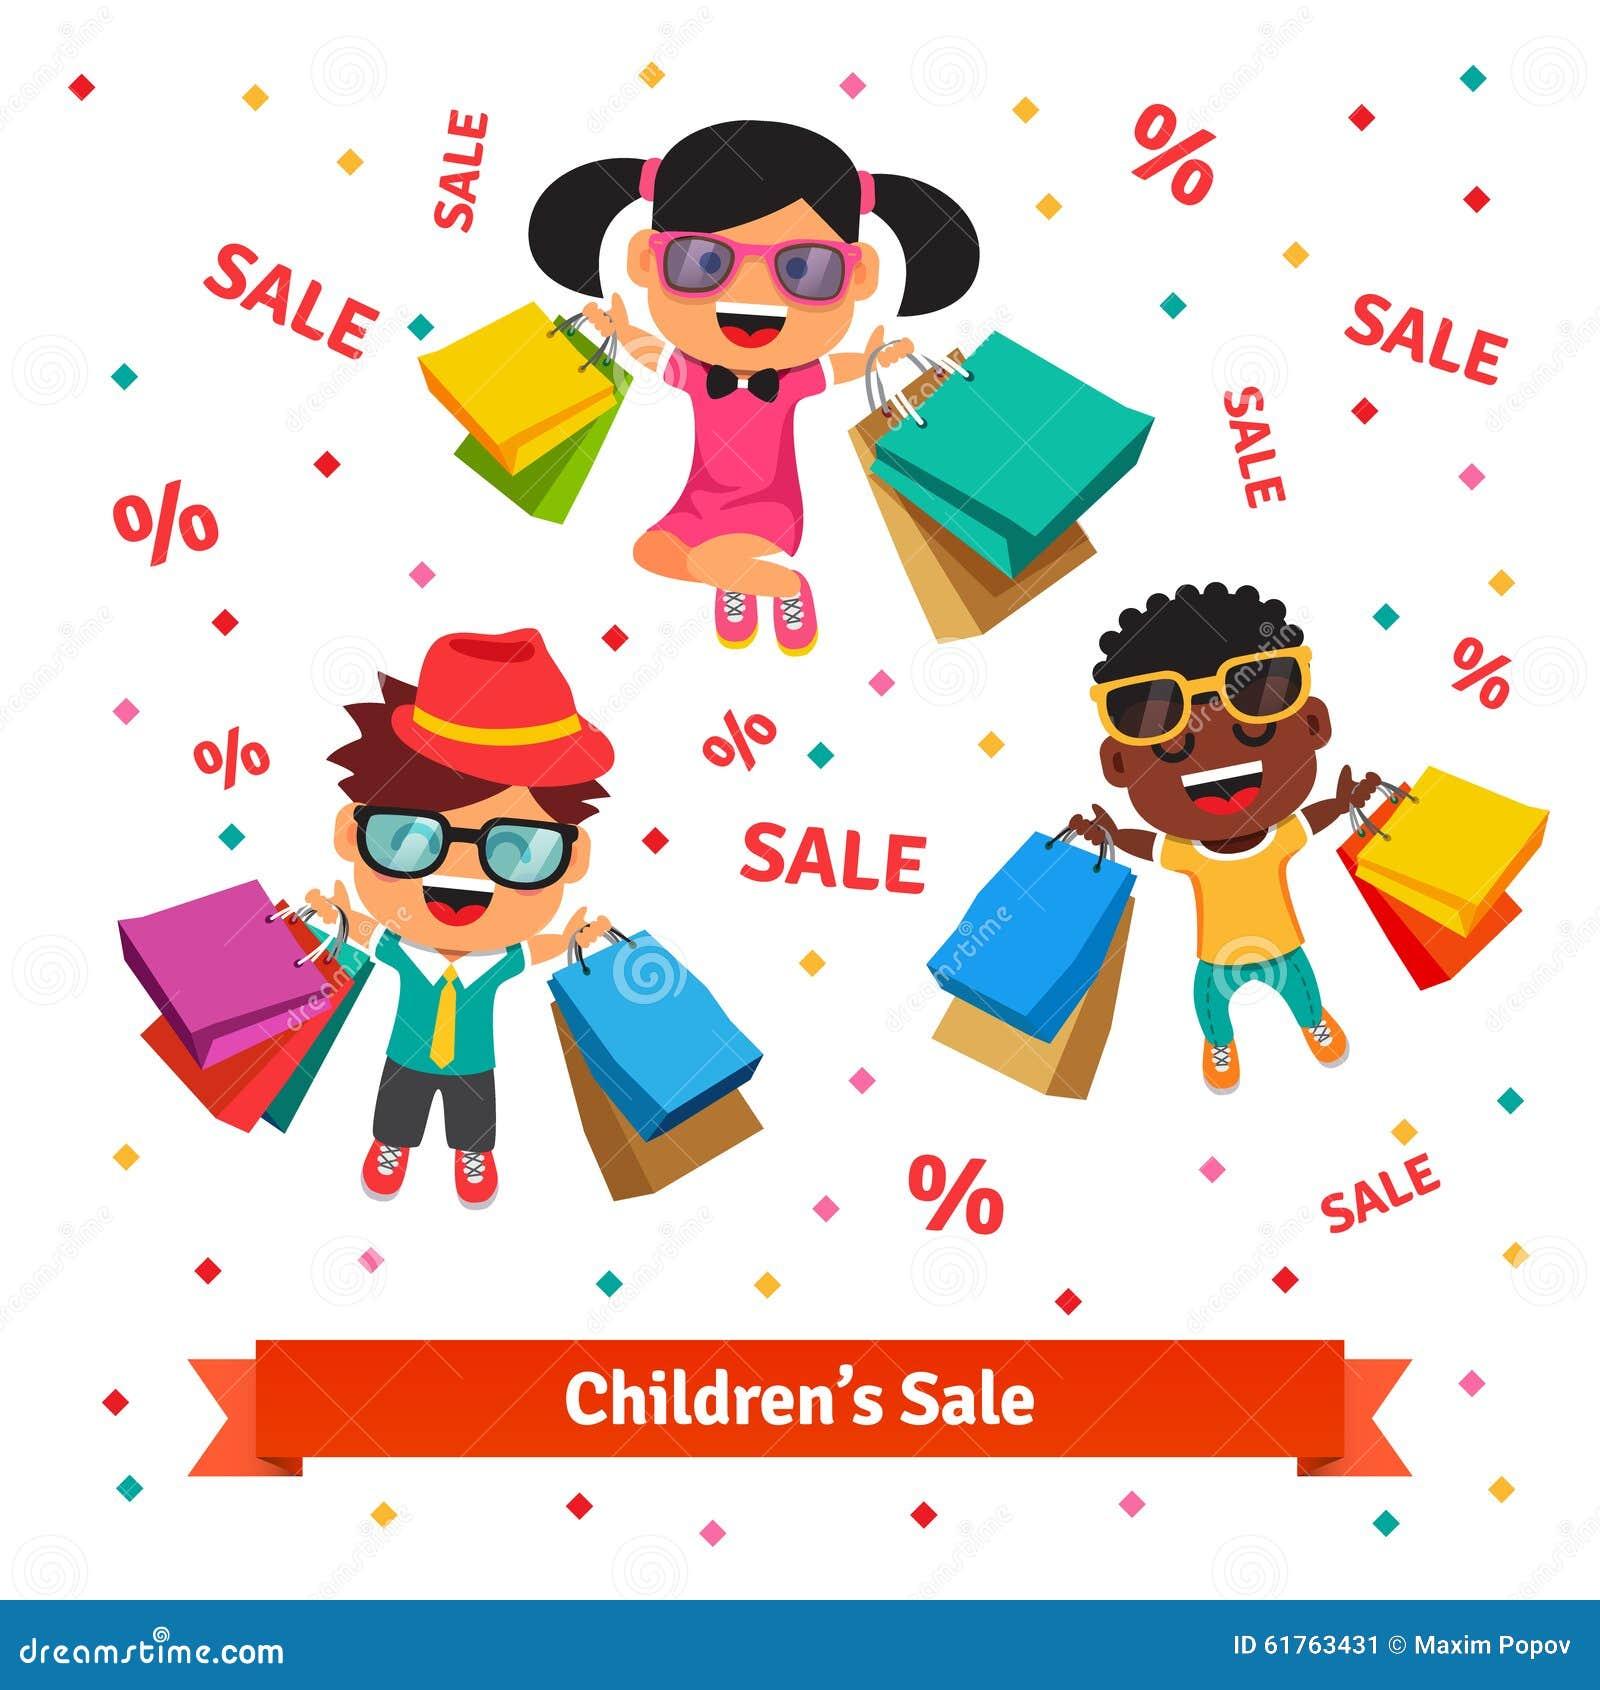 Amazon Toys & Games